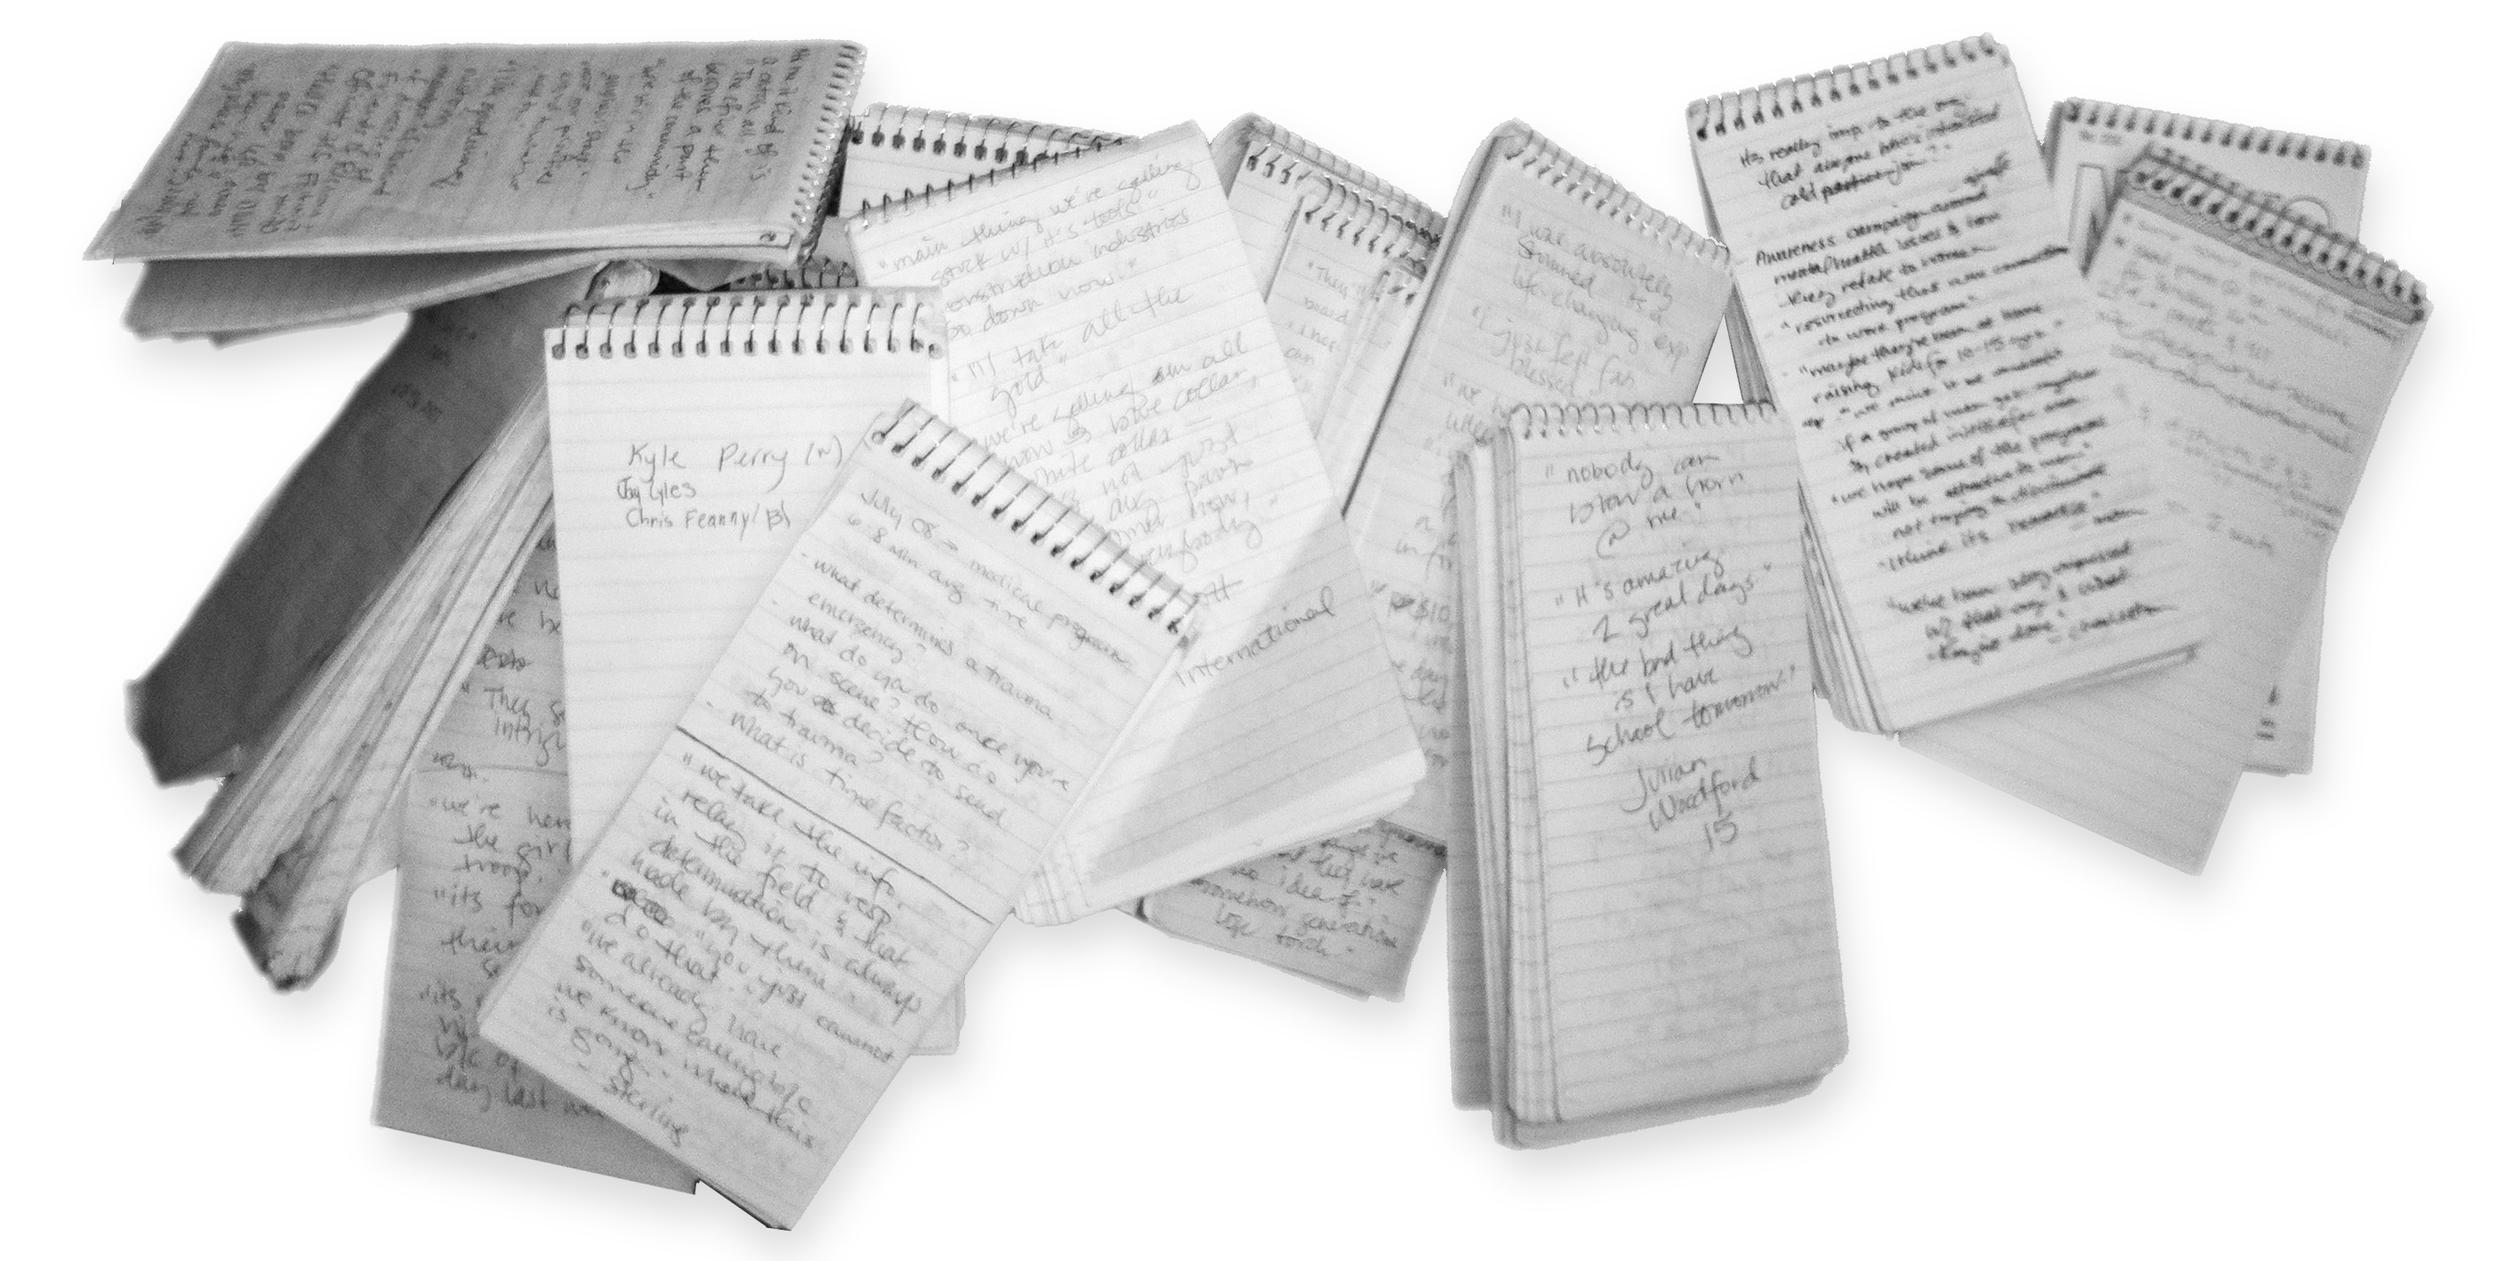 Notebooks RotatedFixed.jpg